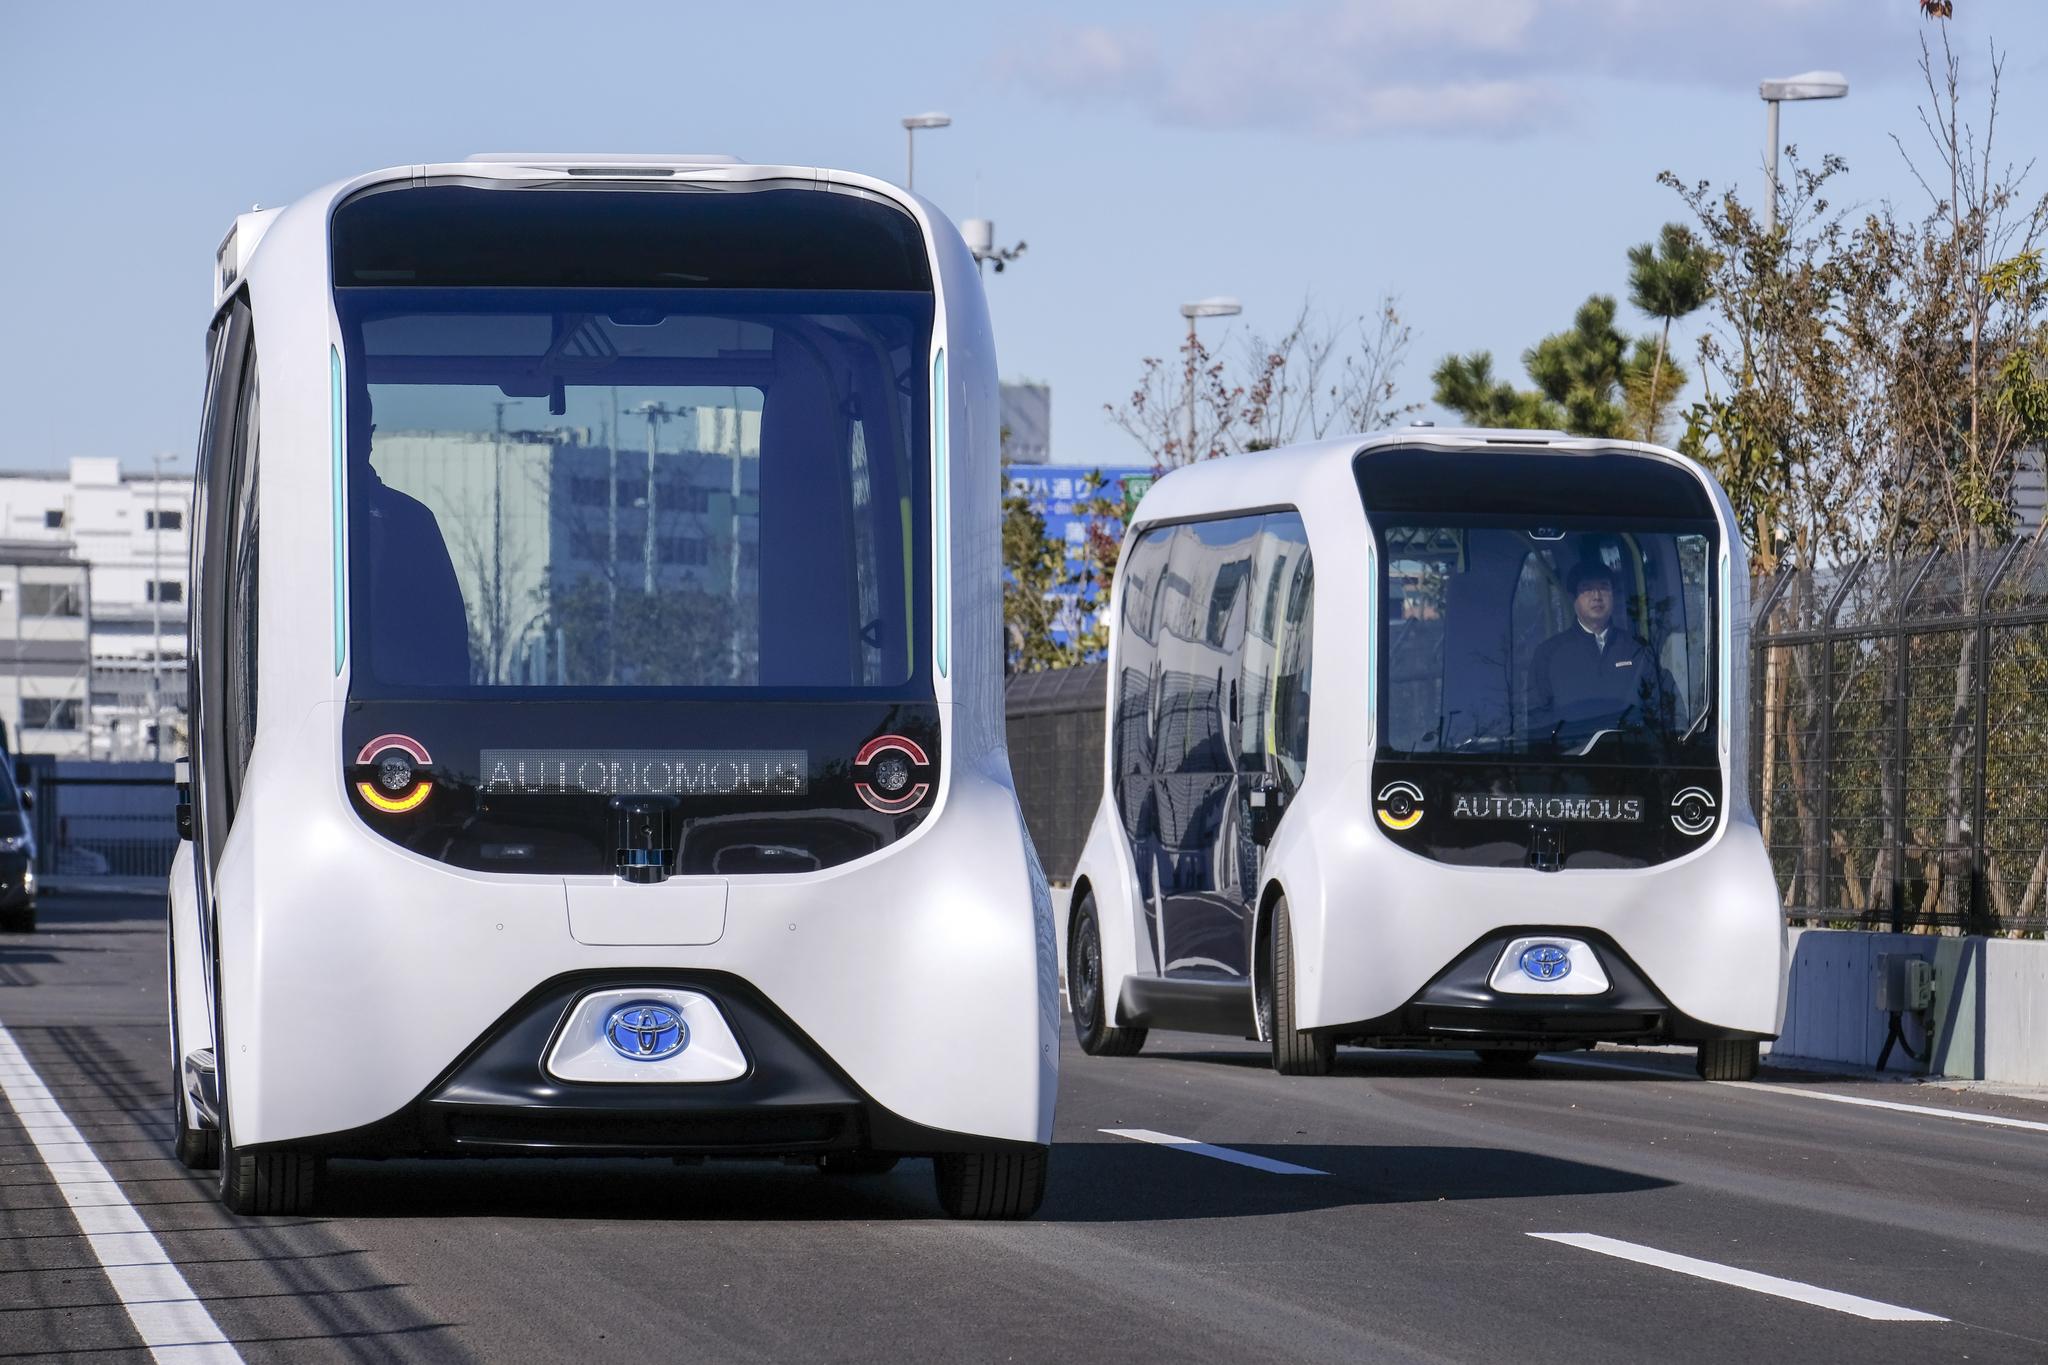 도요타가 모빌리티 도시인 '우븐 시티'에서 운행하는 자율주행차량 e-팔레트. 박스형으로 여객이나 화물 운송에 다양하게 활용 가능하다. 사진 도요타